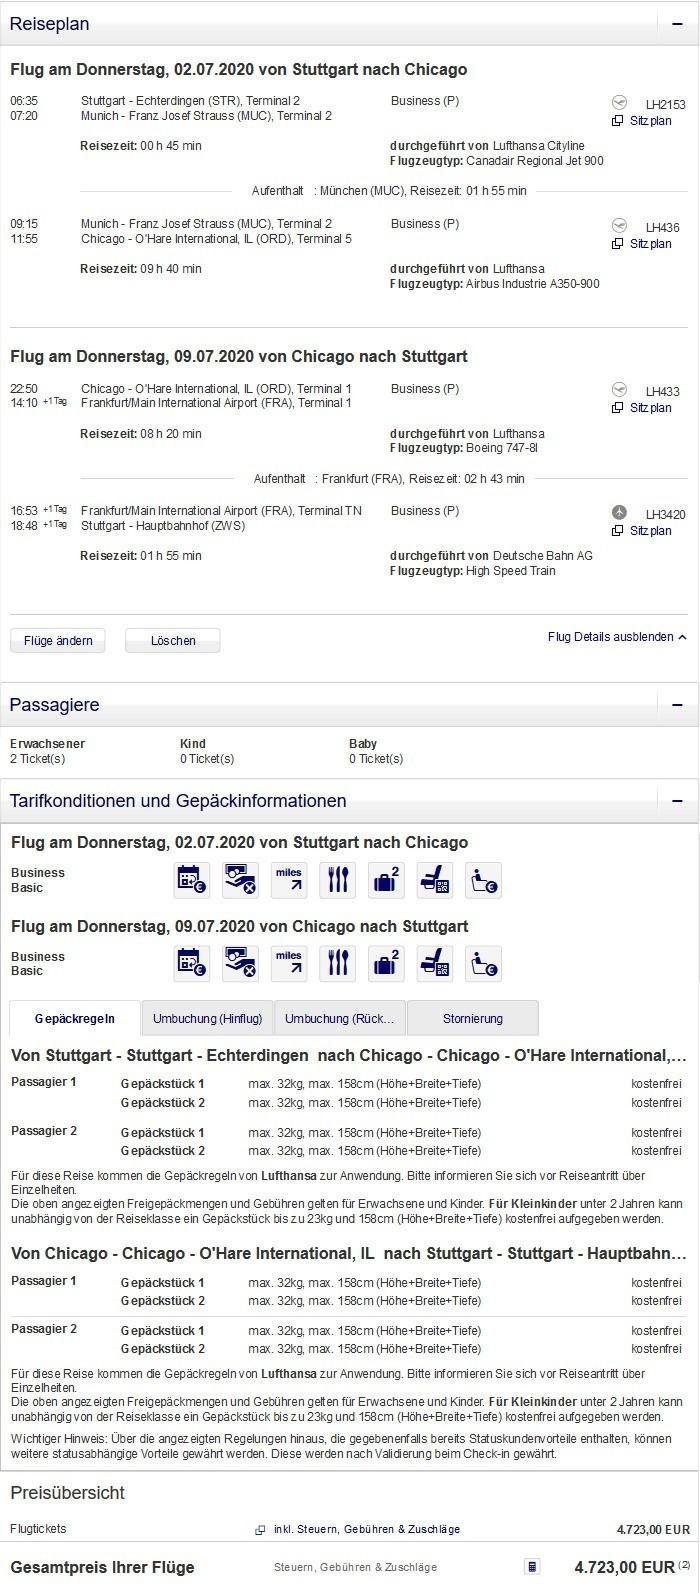 Preisbeispiel für Partnertarif von Stuttgart nach Chicago in der Lufthansa Business-Class